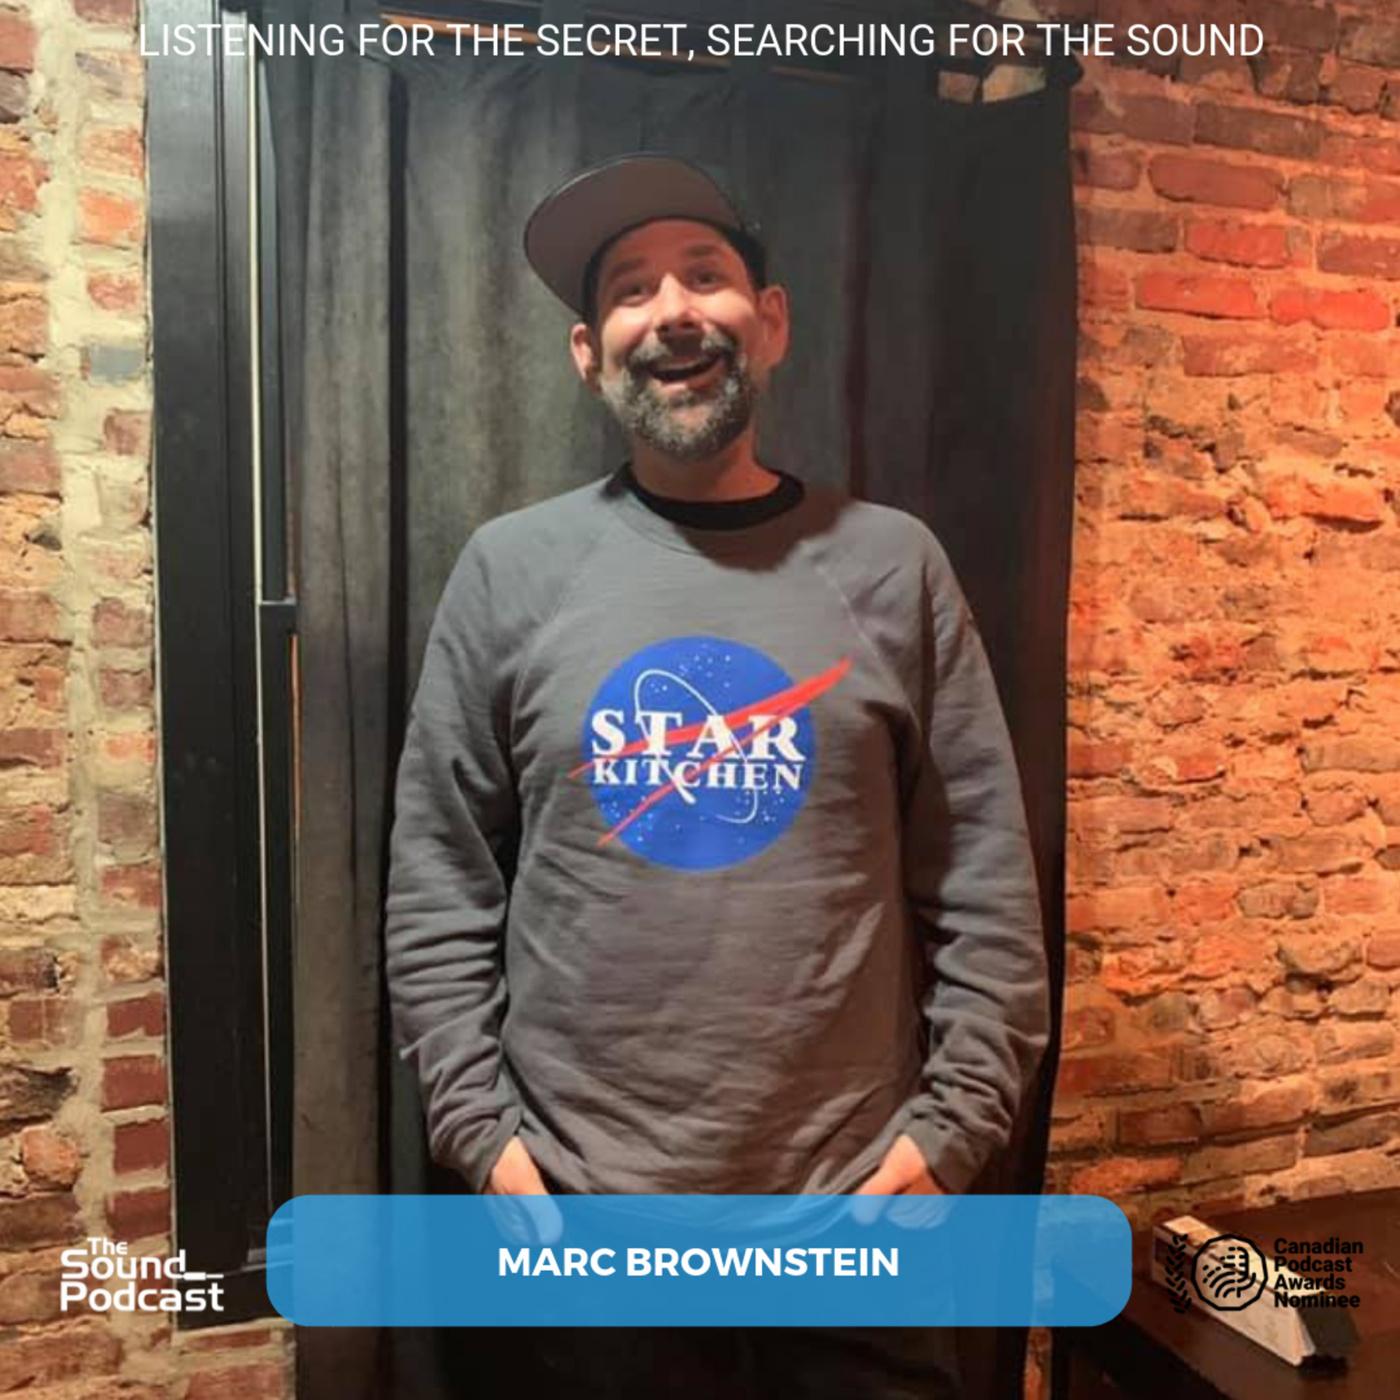 Episode 168: Marc Brownstein